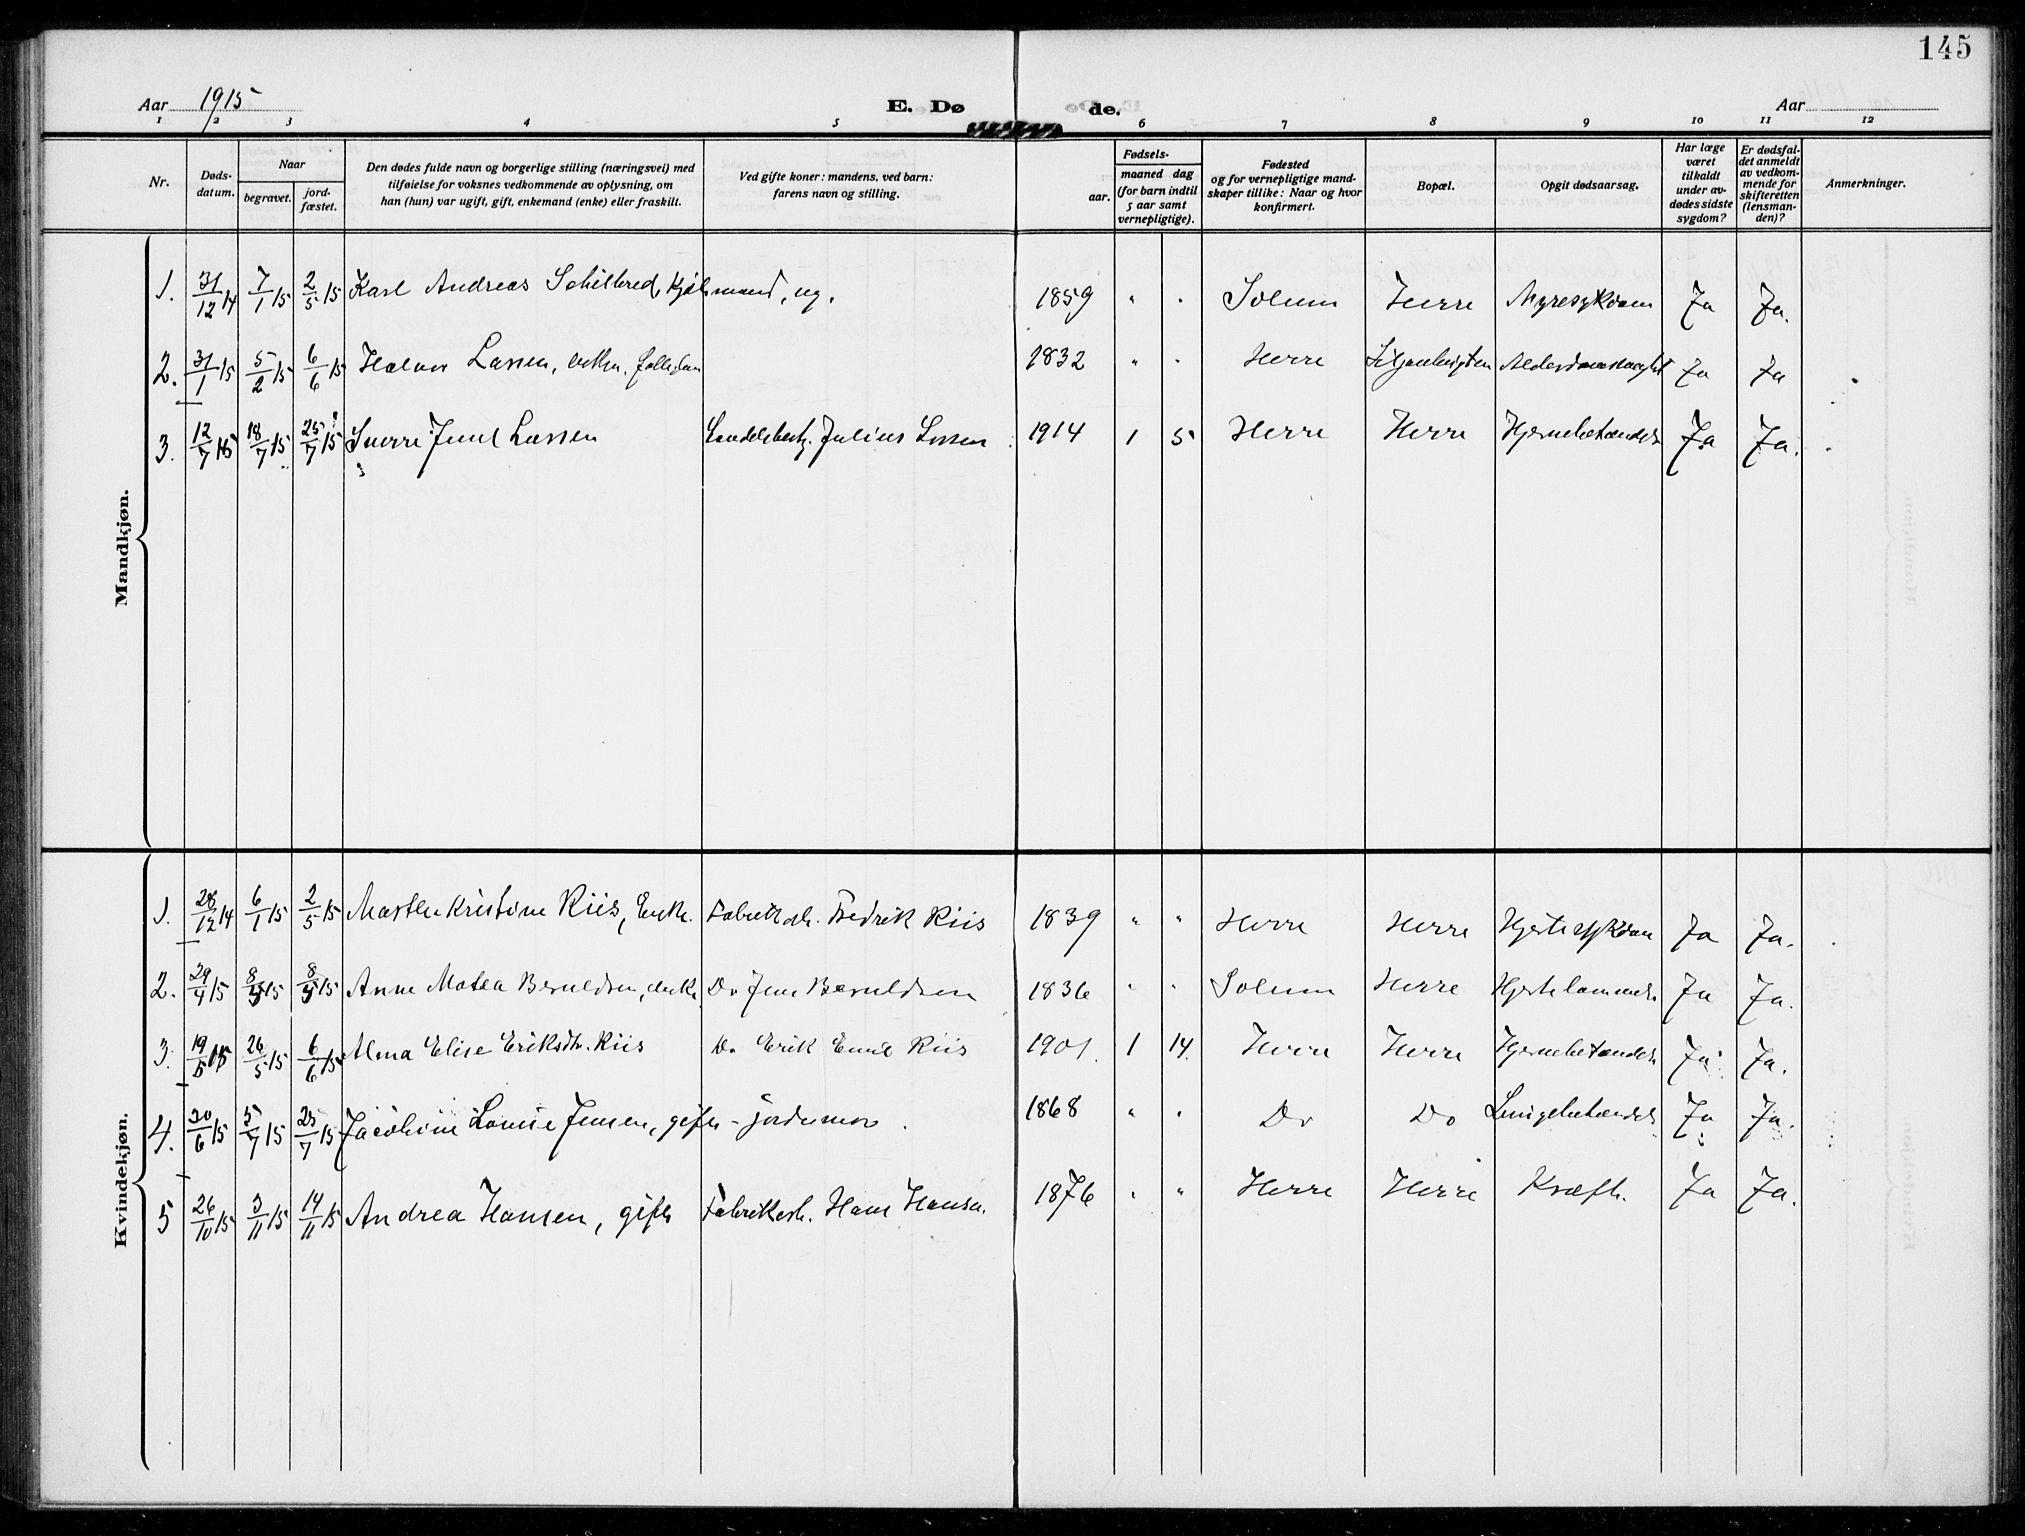 SAKO, Bamble kirkebøker, F/Fc/L0001: Ministerialbok nr. III 1, 1909-1916, s. 145